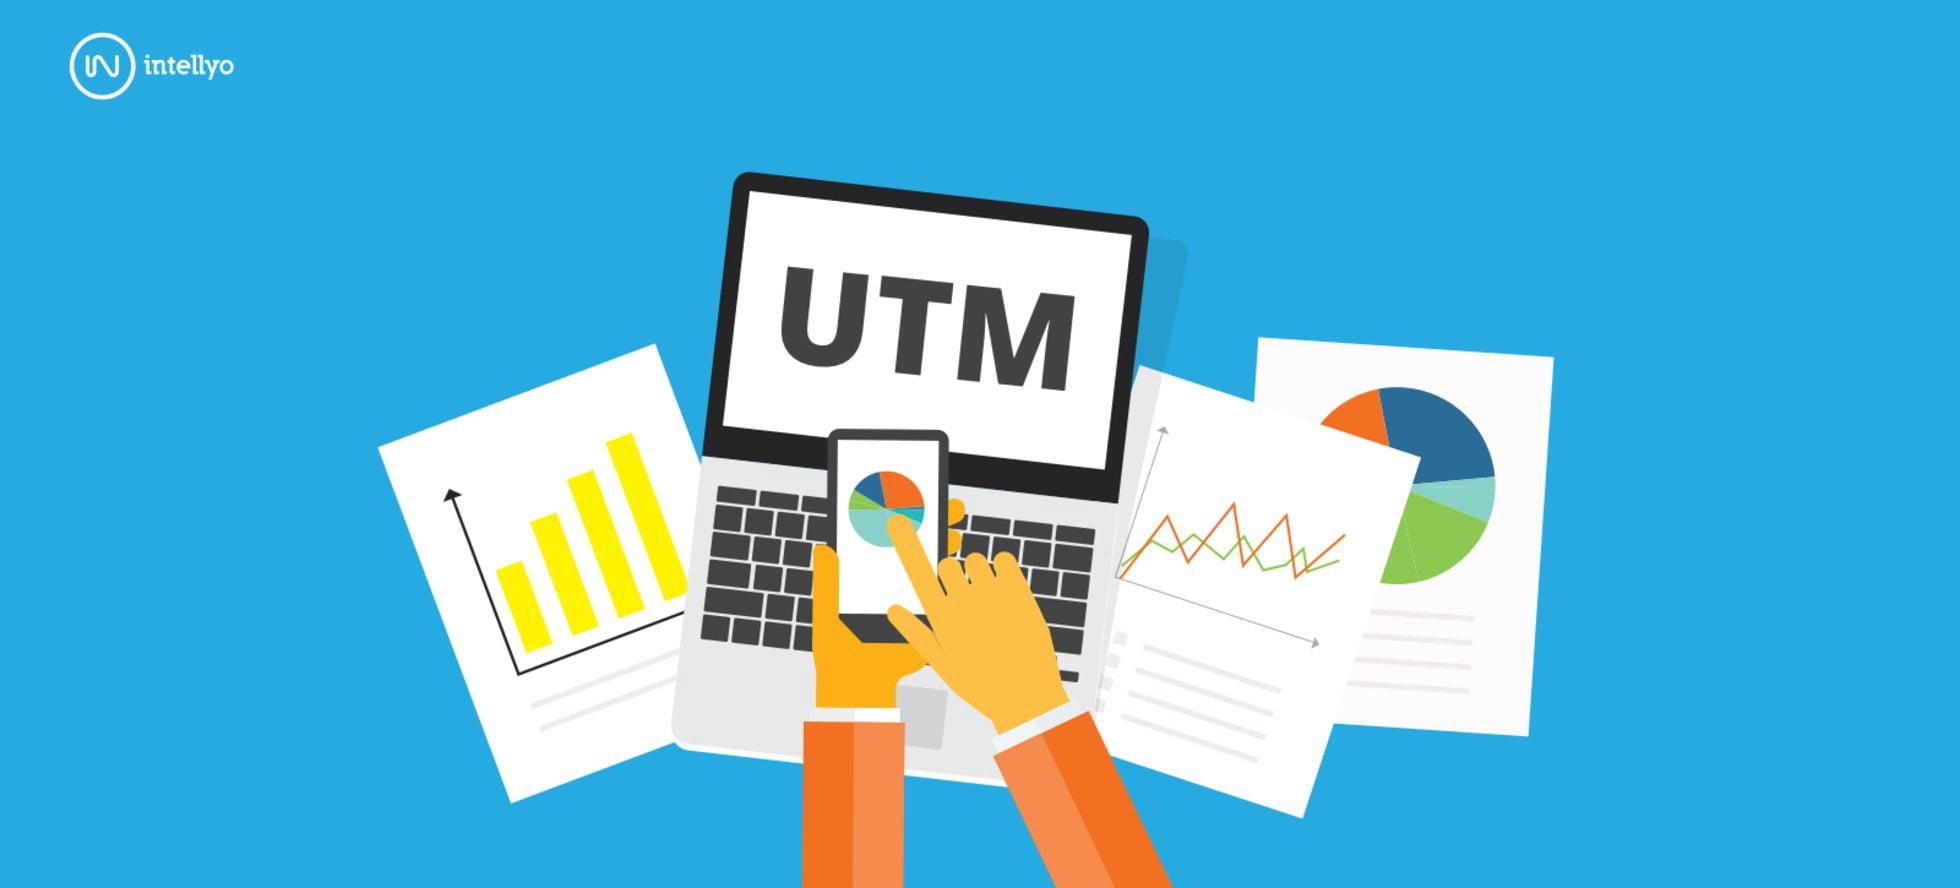 از UTM بیشتر بدانید!